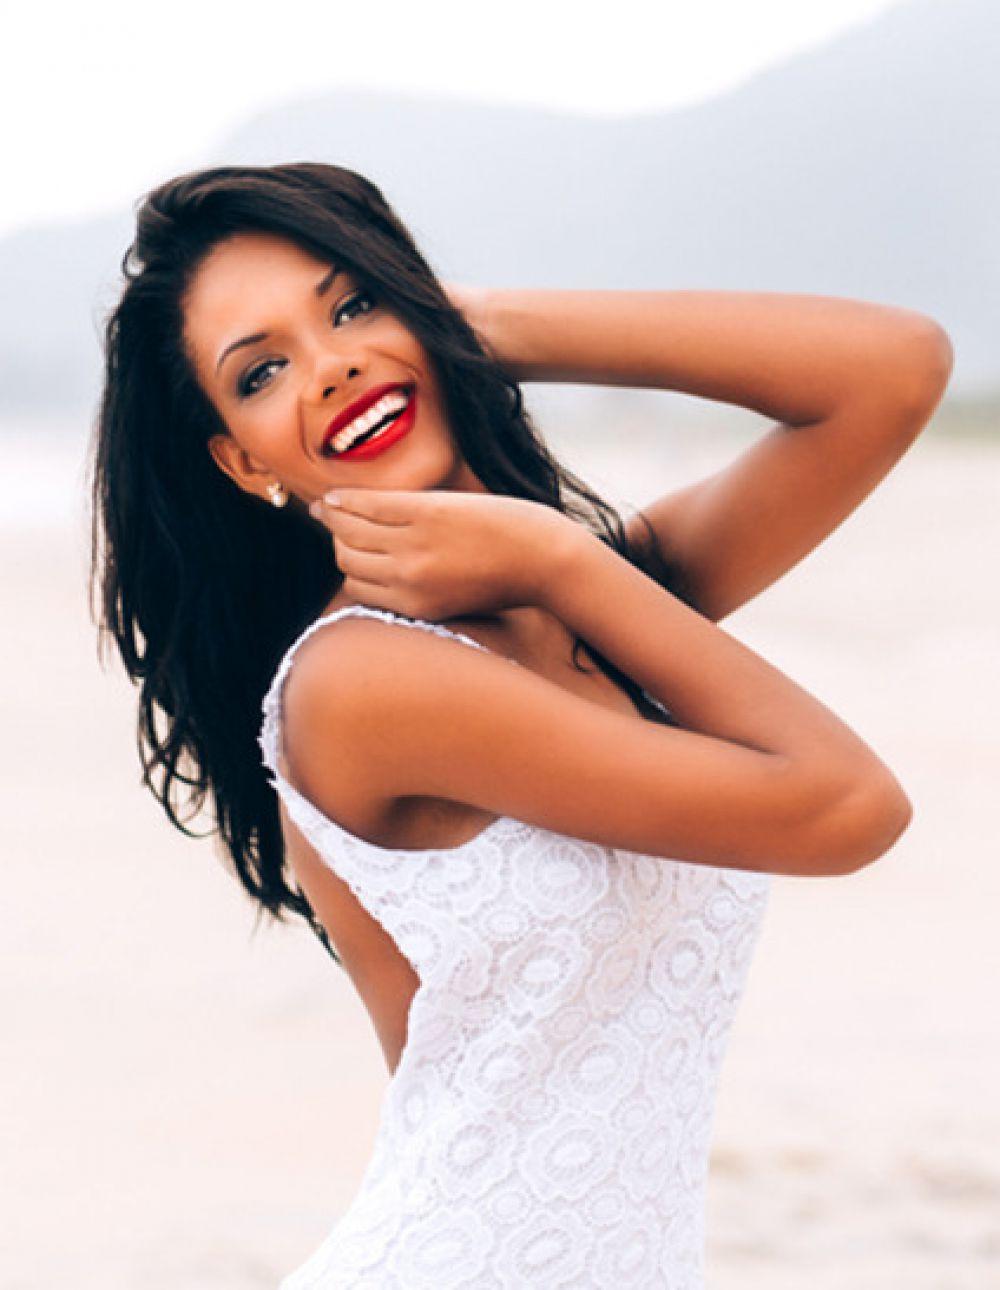 Участница конкурса «Мисс Вселенная» из Анголы.